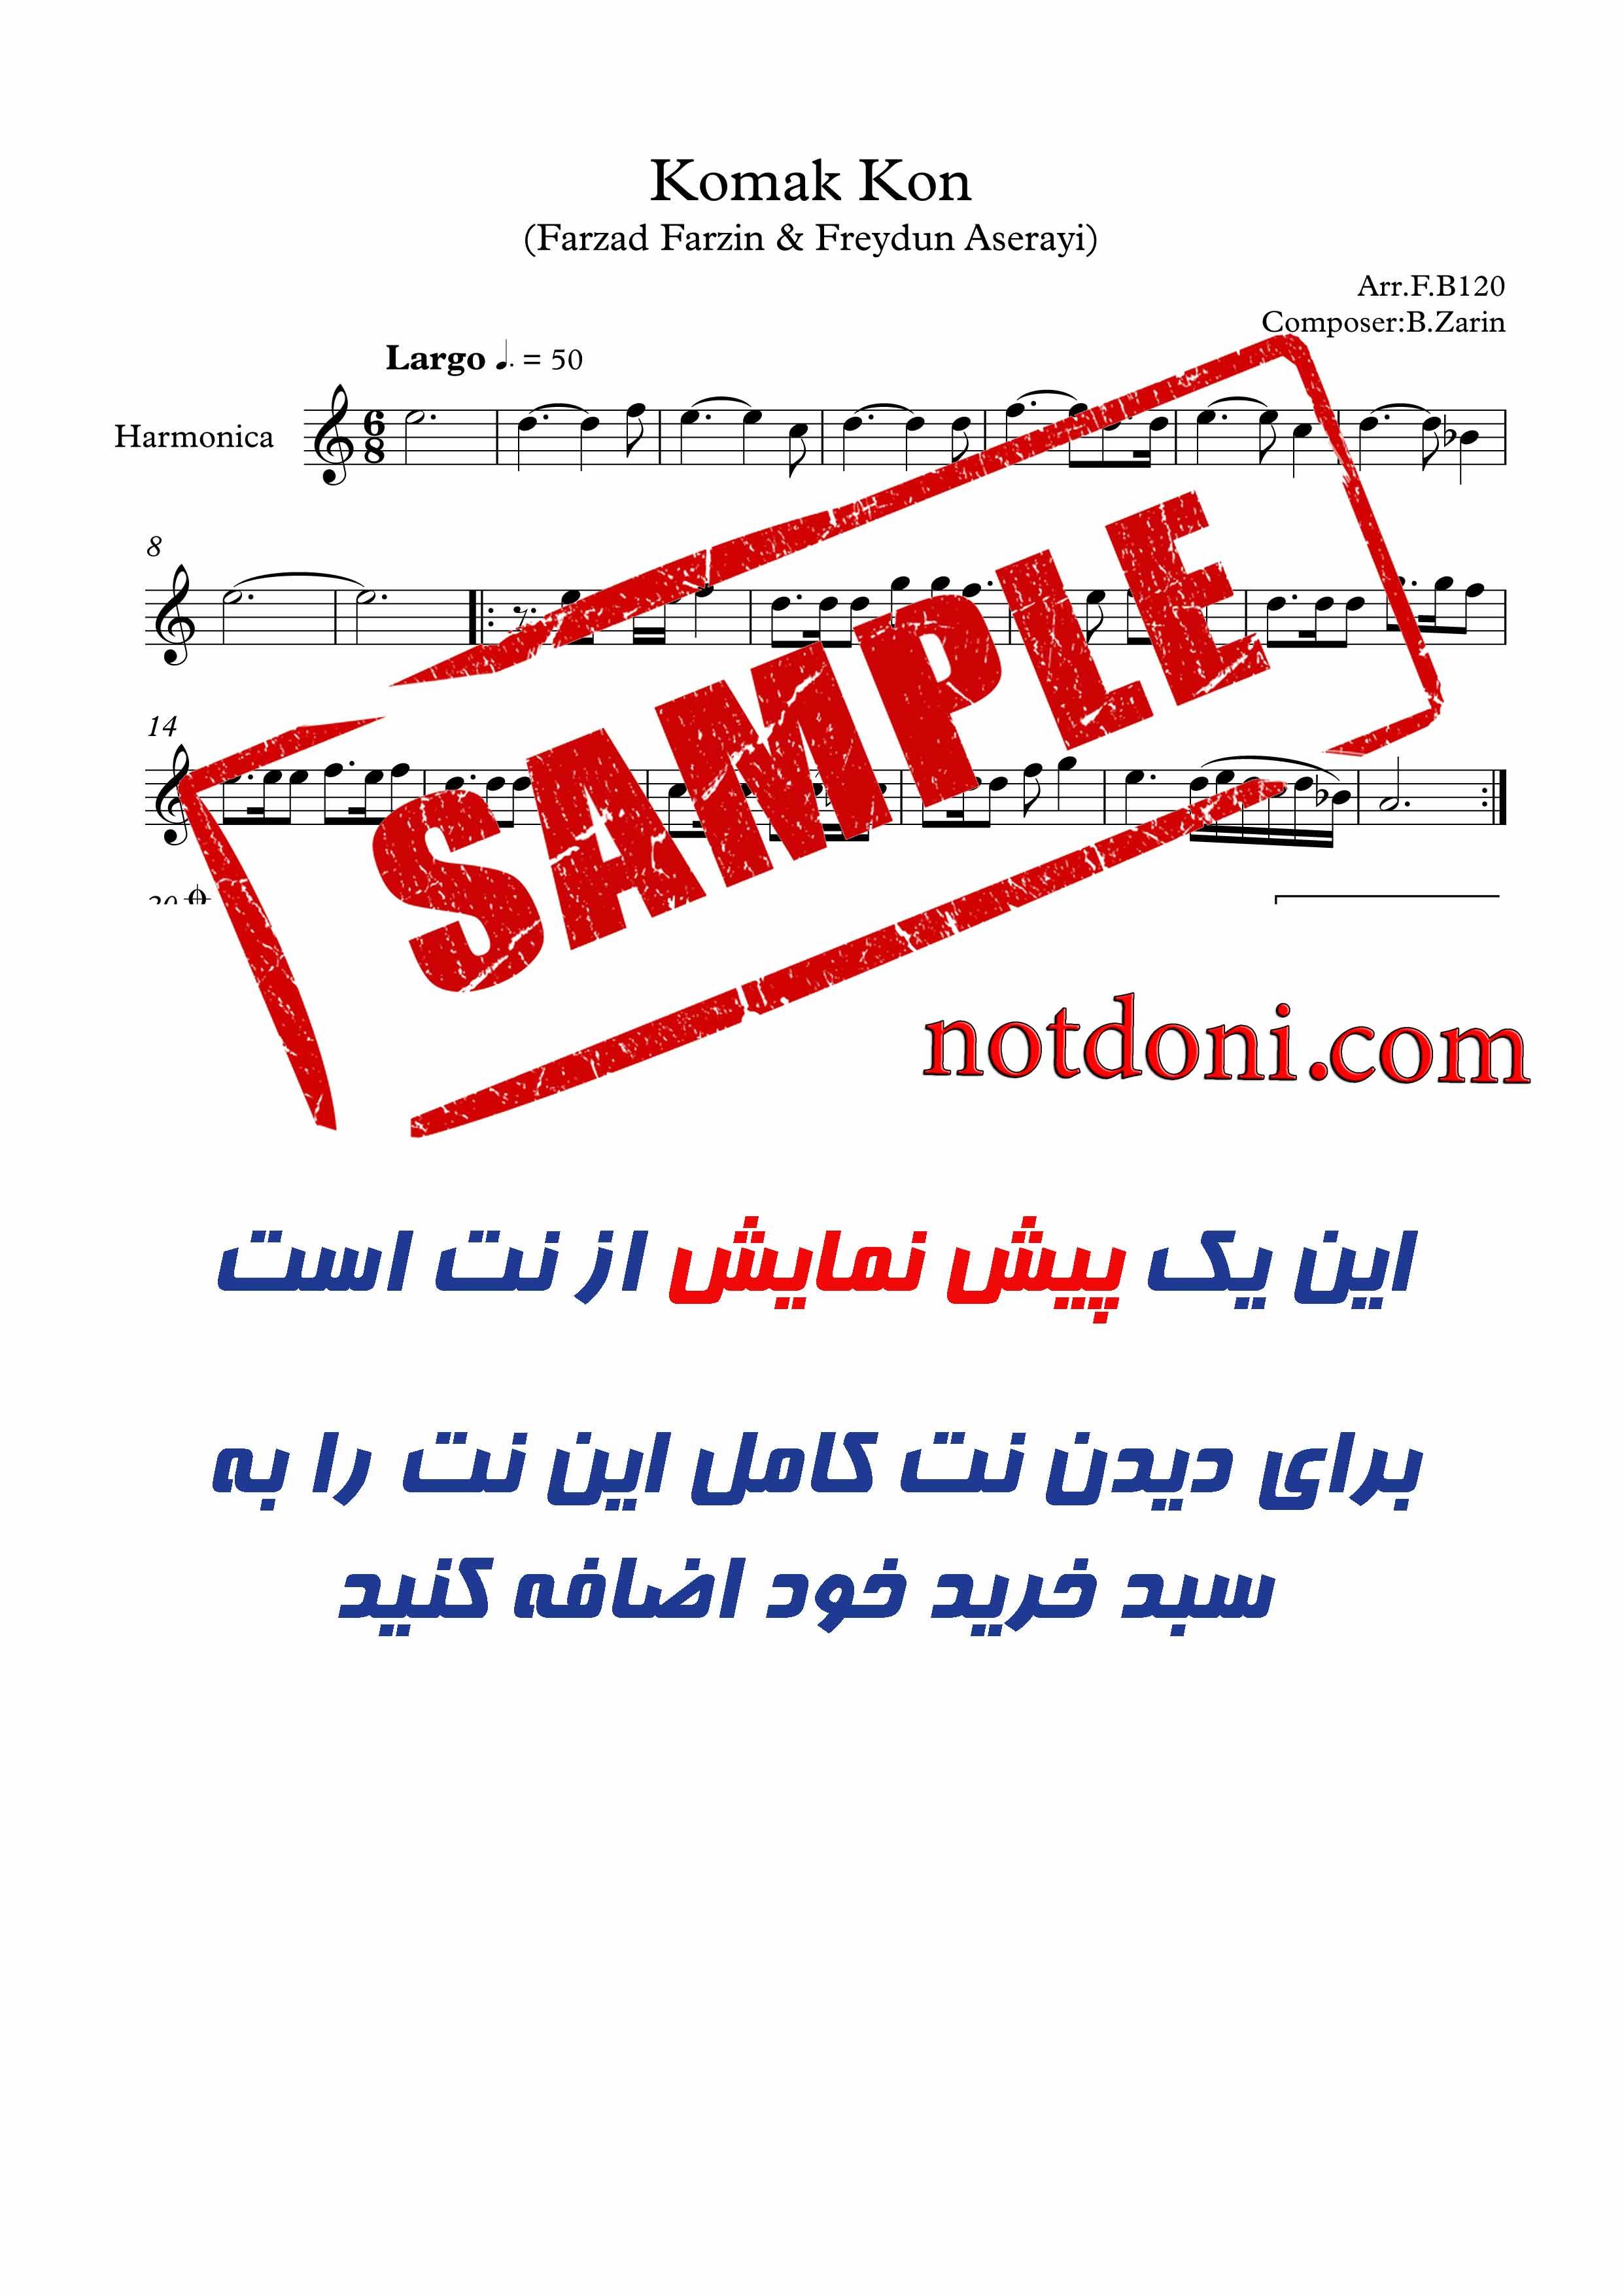 26ae02cc-6369-4609-bd12-2f719190f48d_دموی-نت-آهنگ-کمک-کن-هارمونیکا.jpg